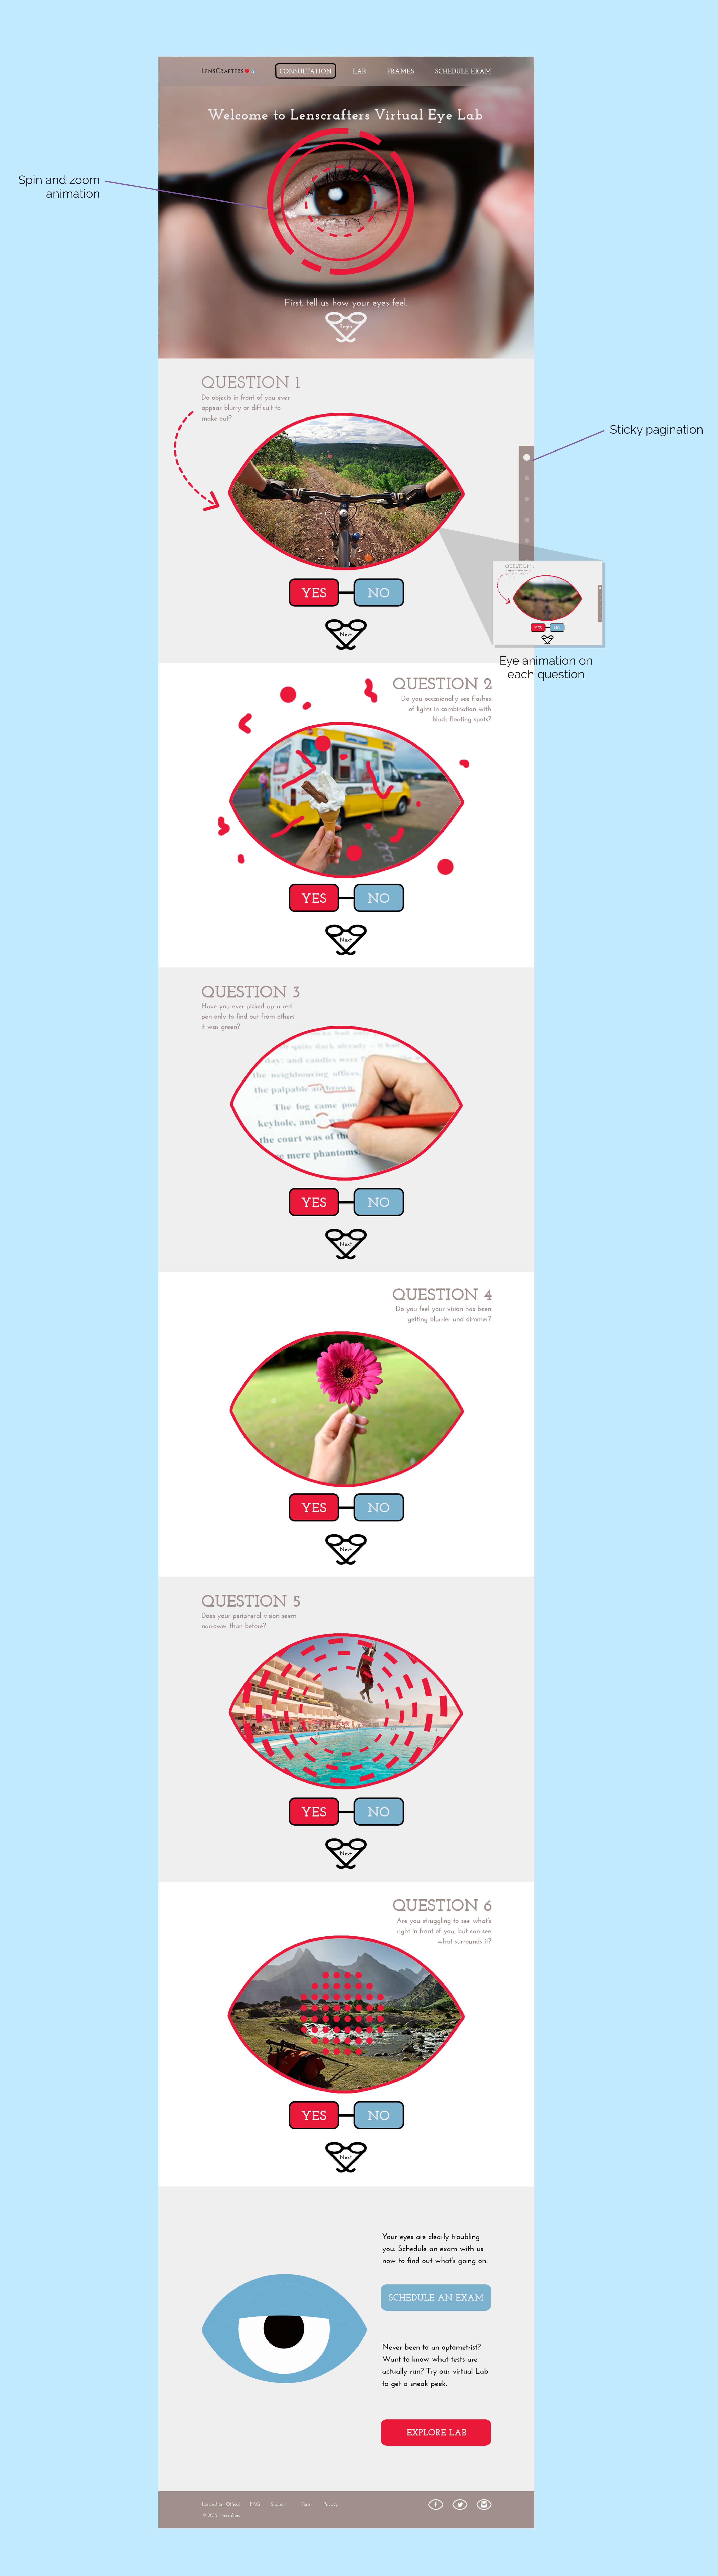 lenscrafters_0000_lenscrafters quiz